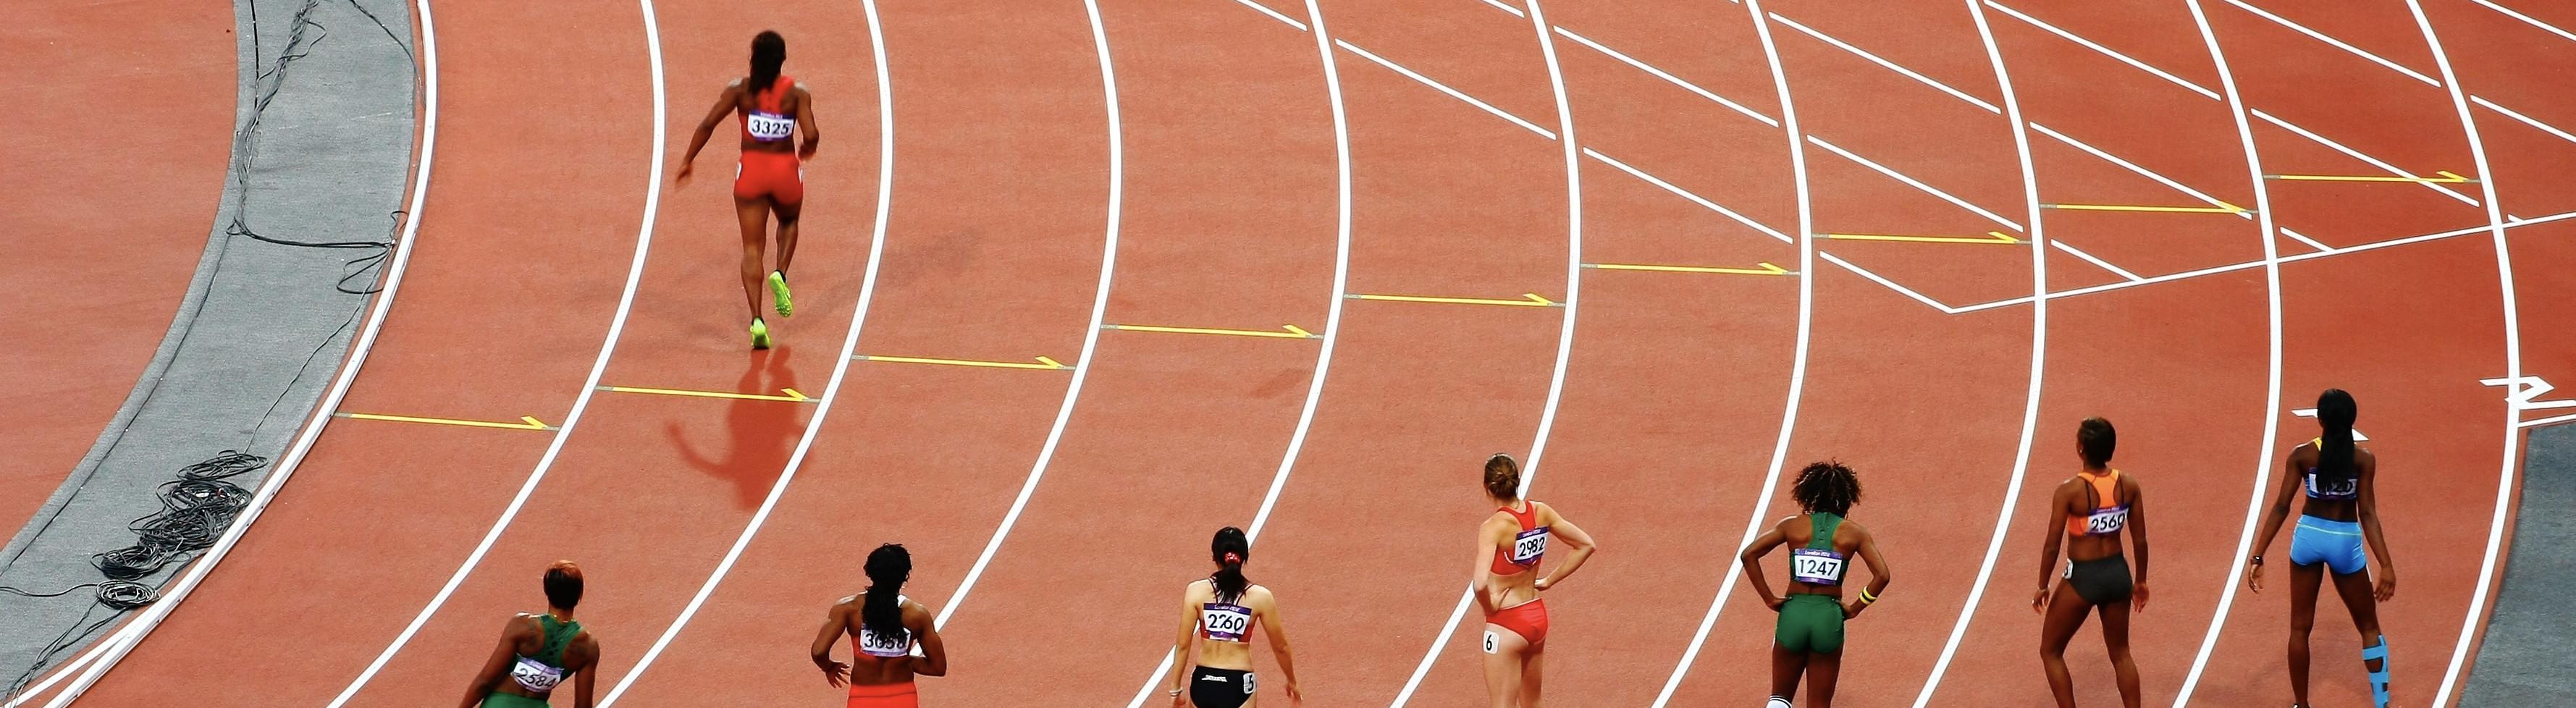 Auf einer Rennbahn stehen Athletinnen auf ihren Startpositionen